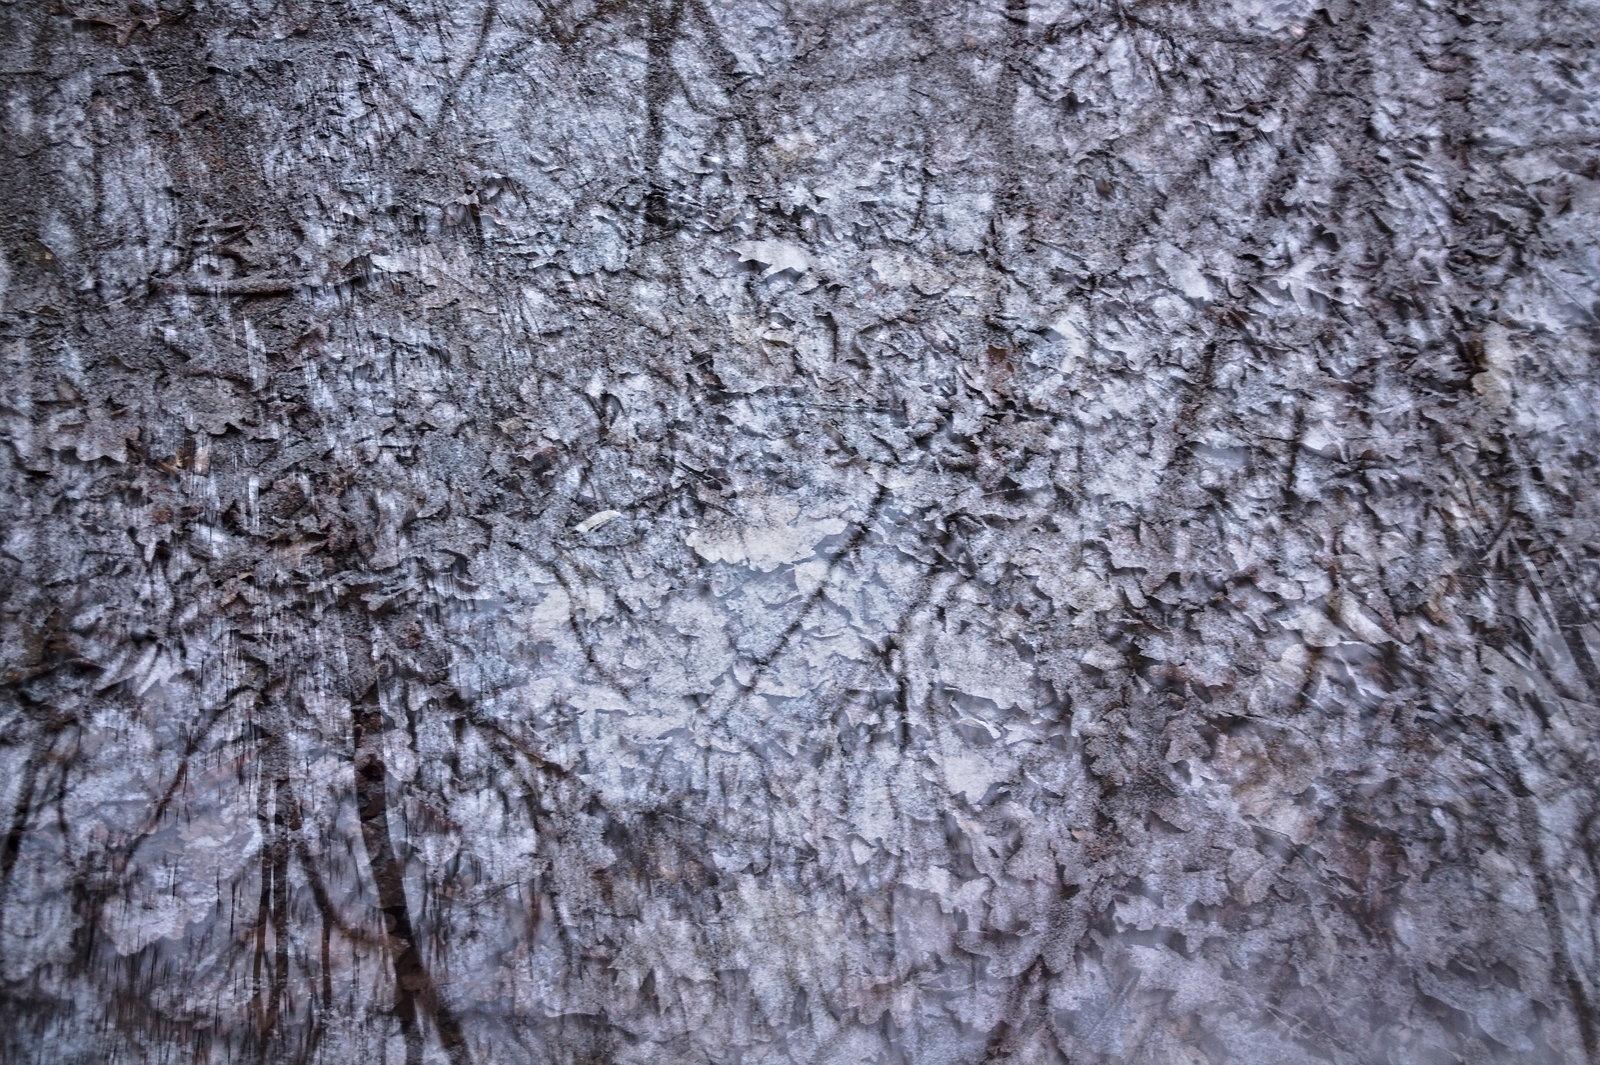 Másik fajta tükör, fák és lehullott leveleik